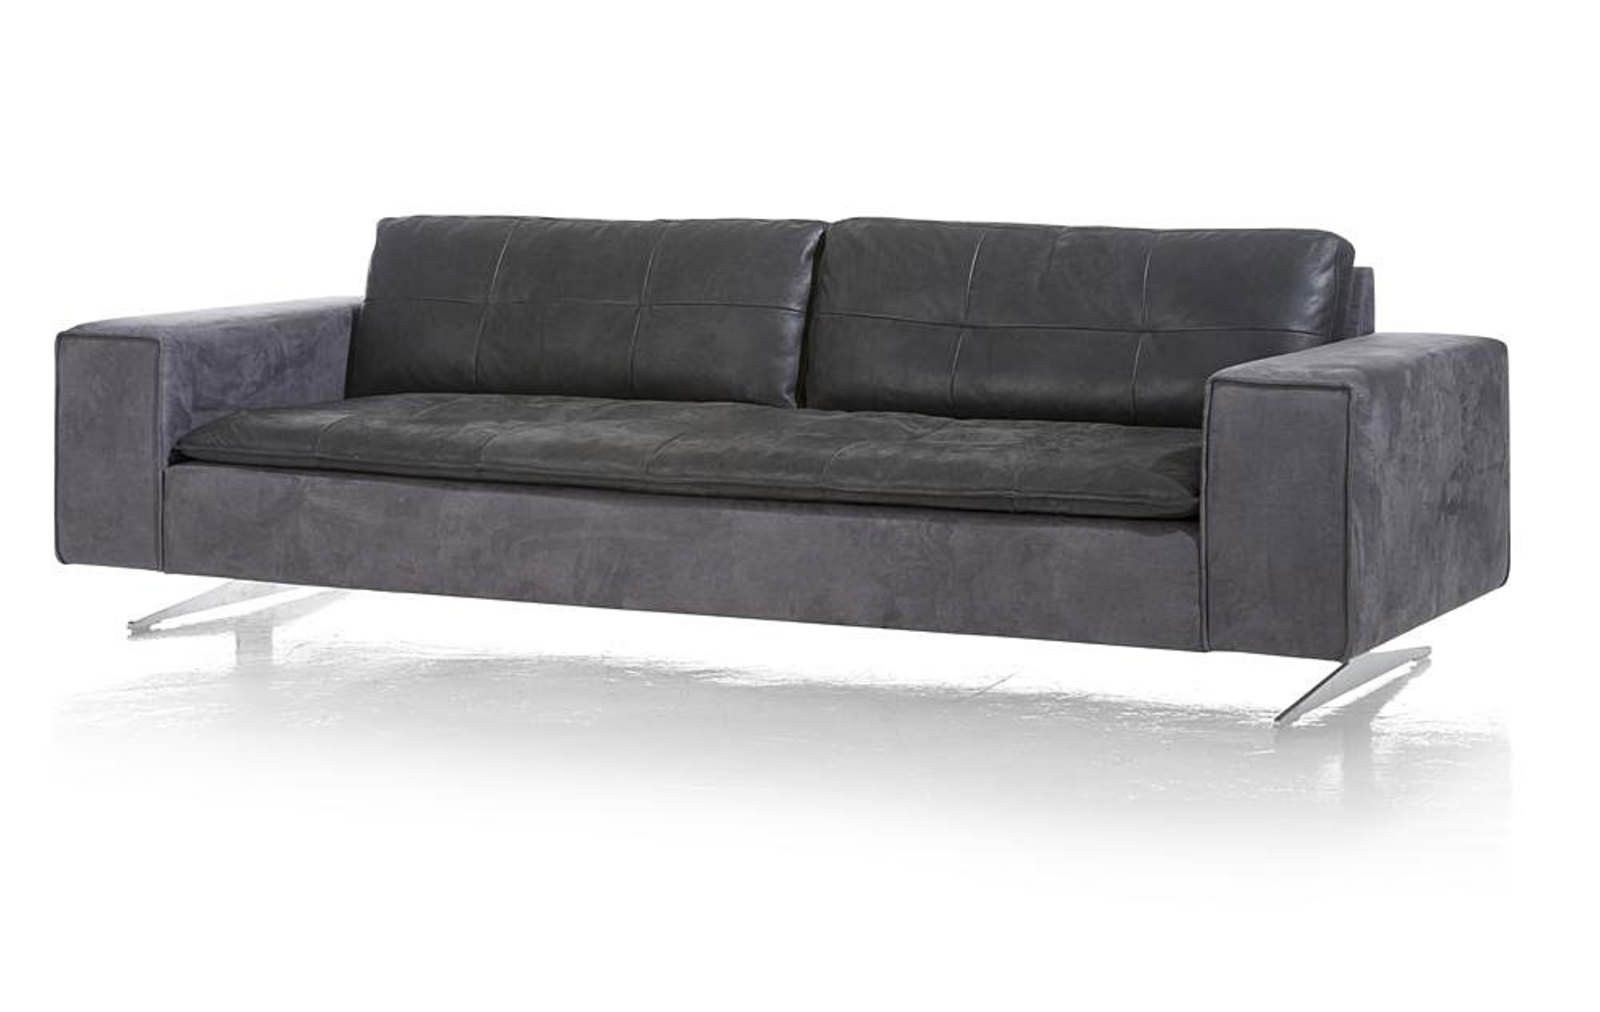 platzsparend ideen schlafsofa kunstleder, sympathisch sofa set 3 teilig | couch möbel | pinterest, Innenarchitektur